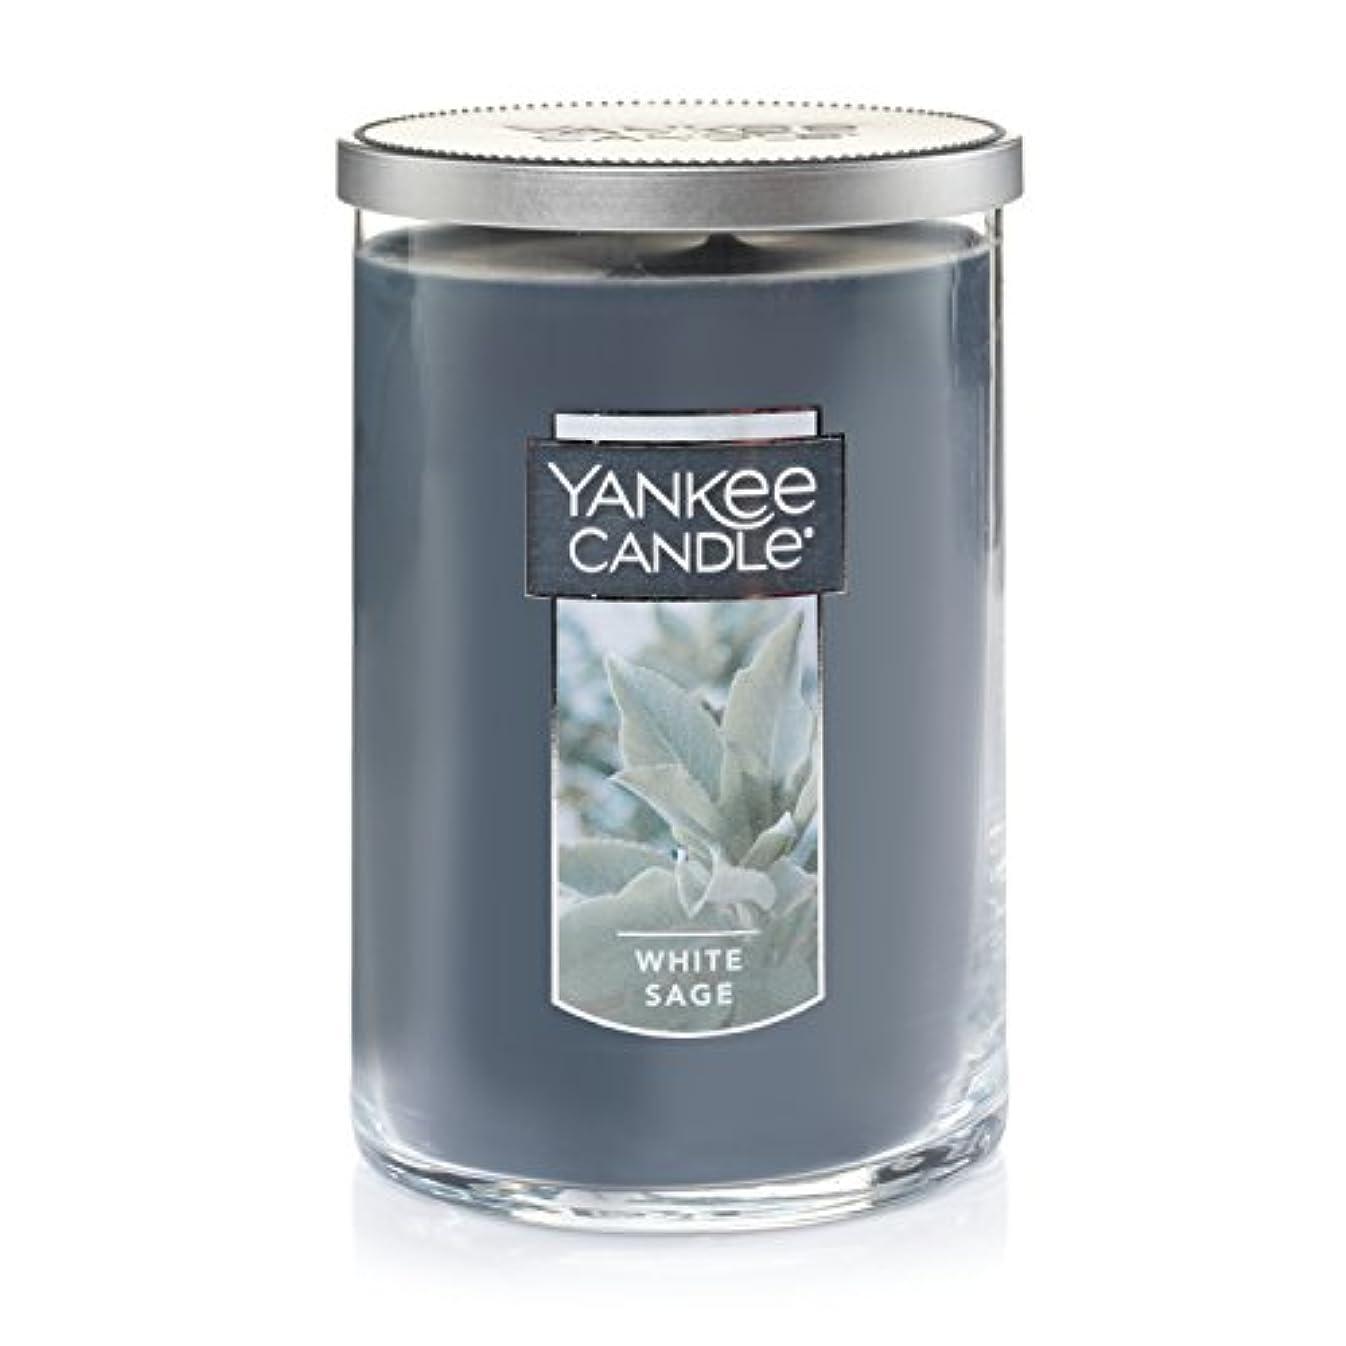 起業家カーフ流産Yankee Candleホワイトセージ Large 2-Wick Tumbler Candles 1556031-YC